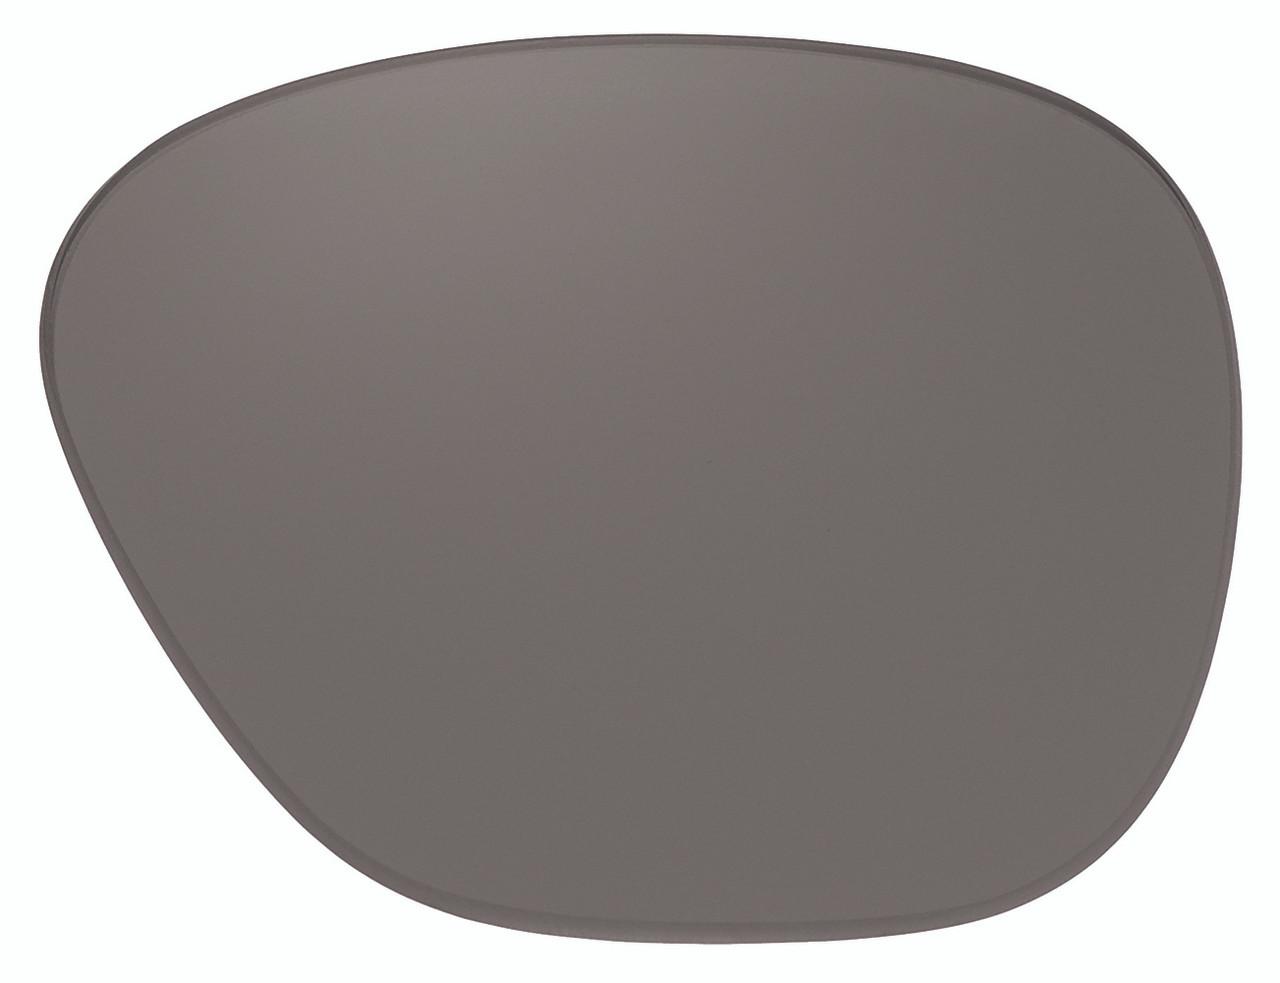 594b8497e0 Suncloud Dashboard Replacement Lenses - Speert International